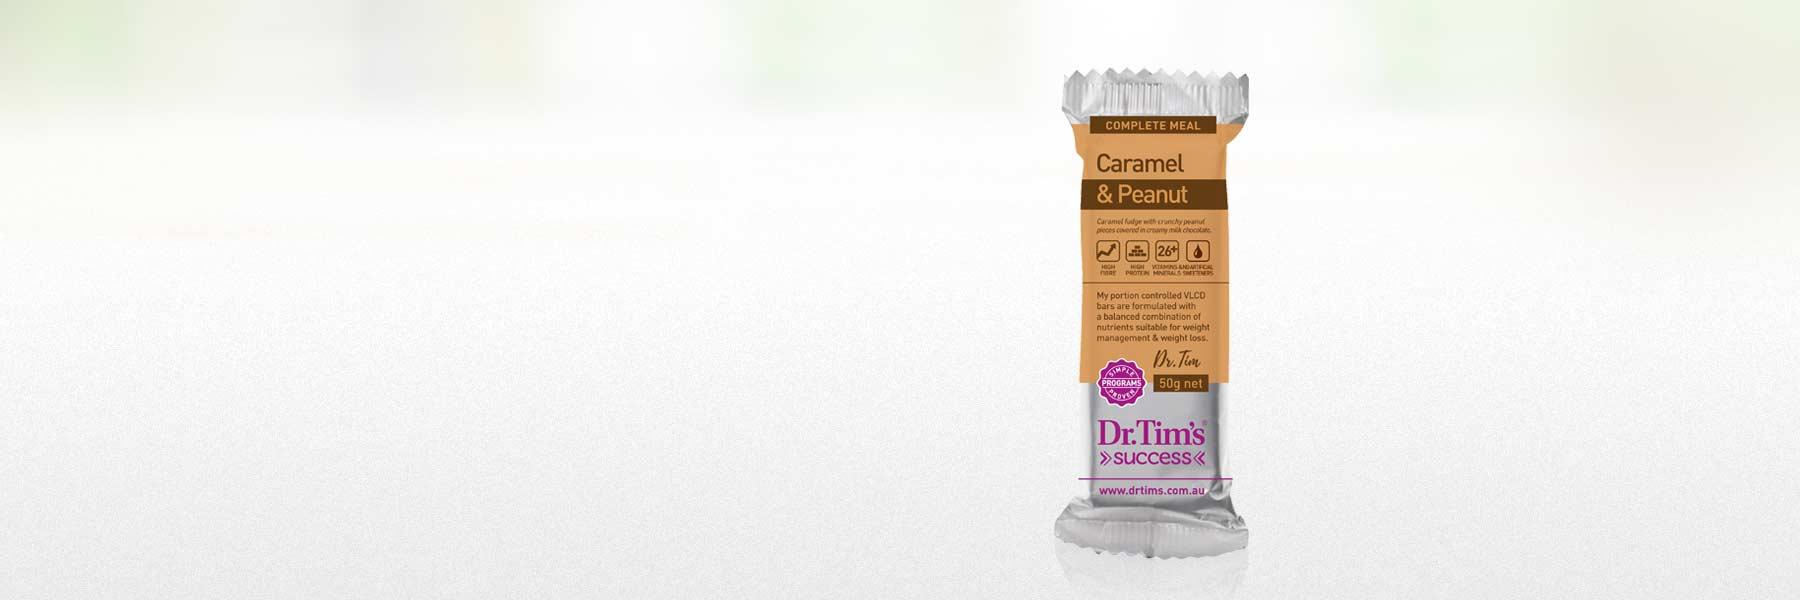 DrTims-Bar-Caramel-Peanut-hero